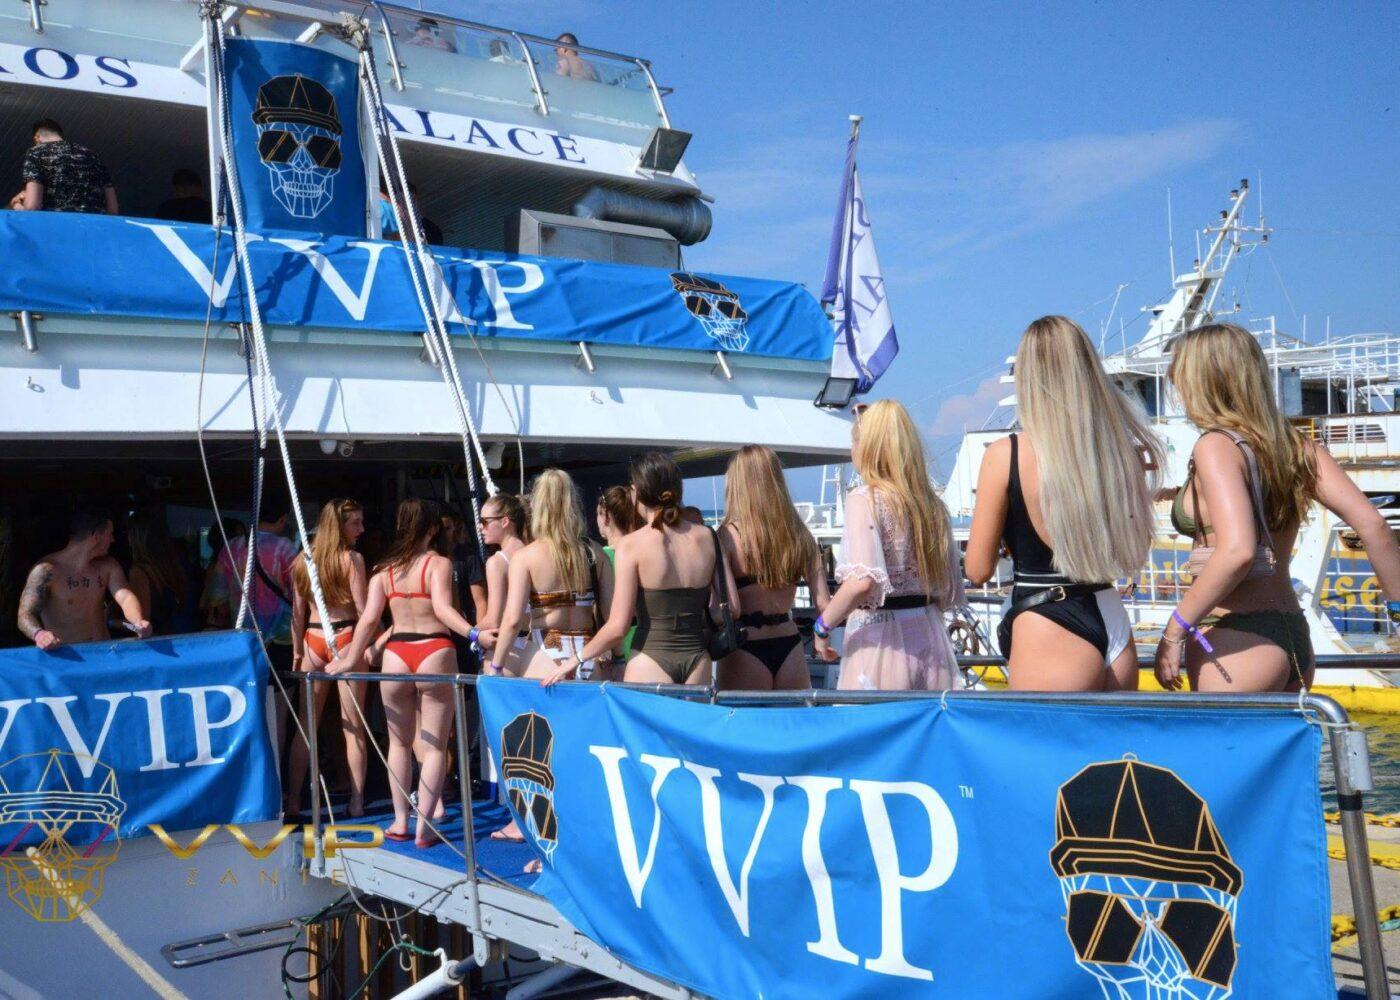 vvip-yacht-party-zante